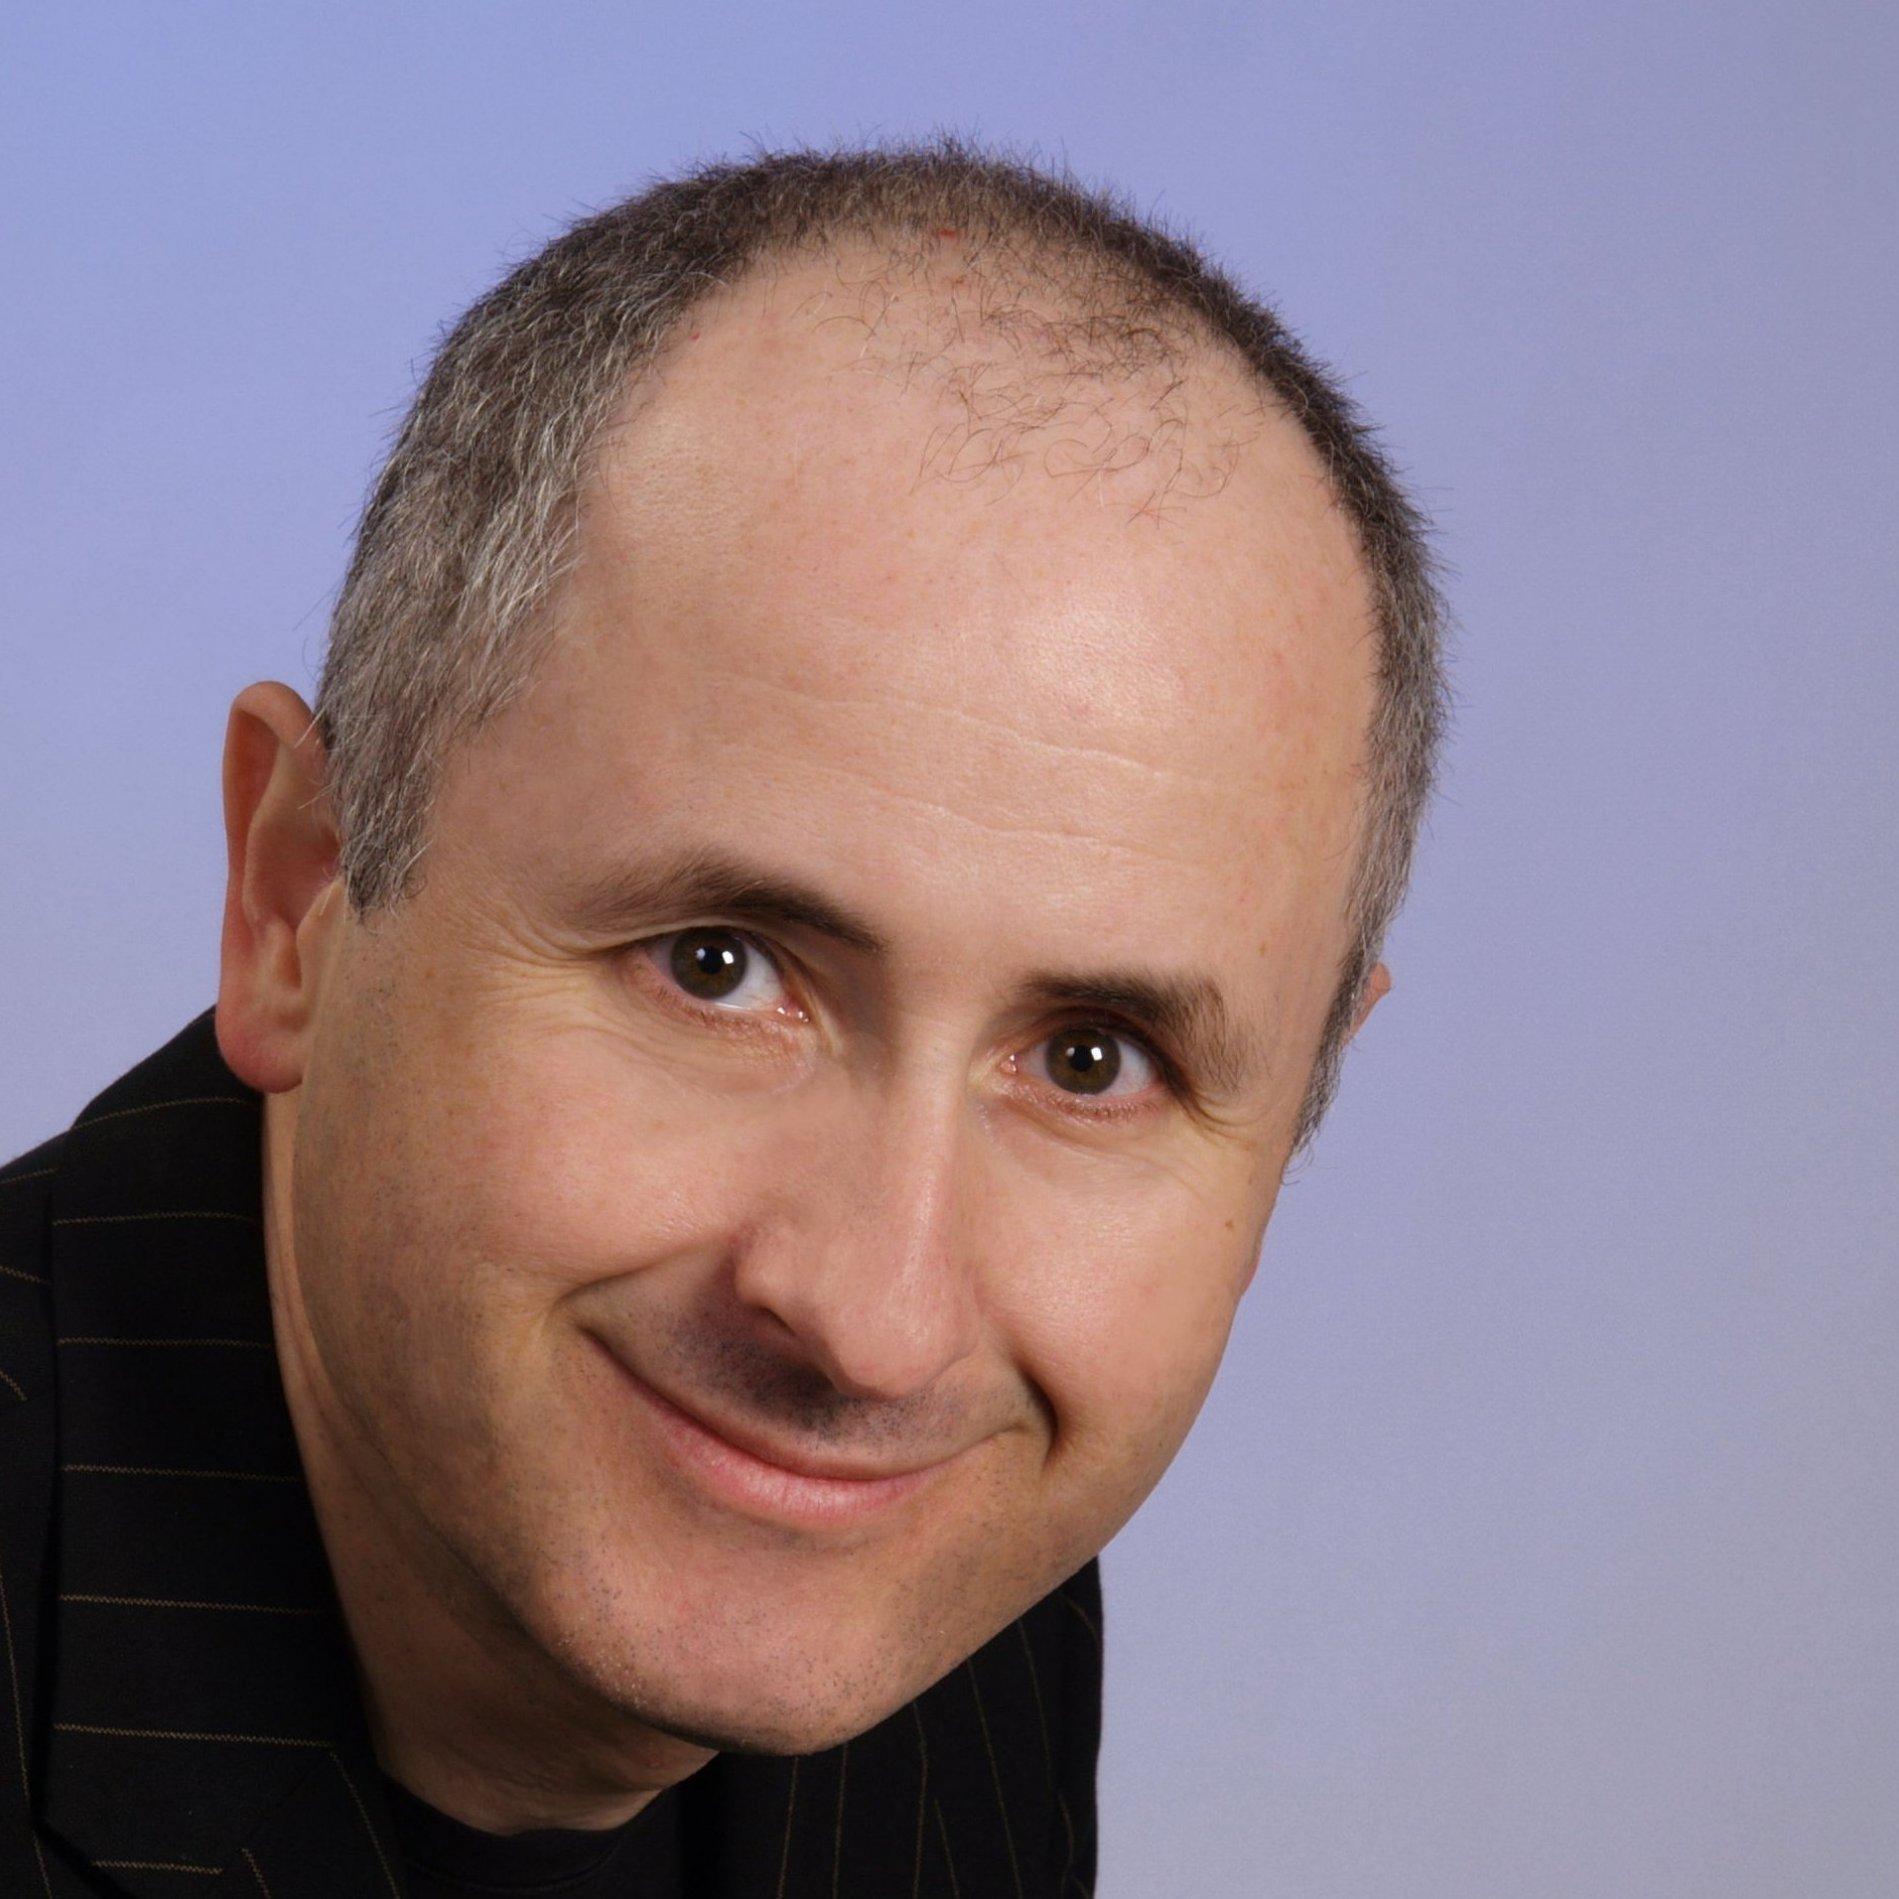 Dr. Christian J. Meier